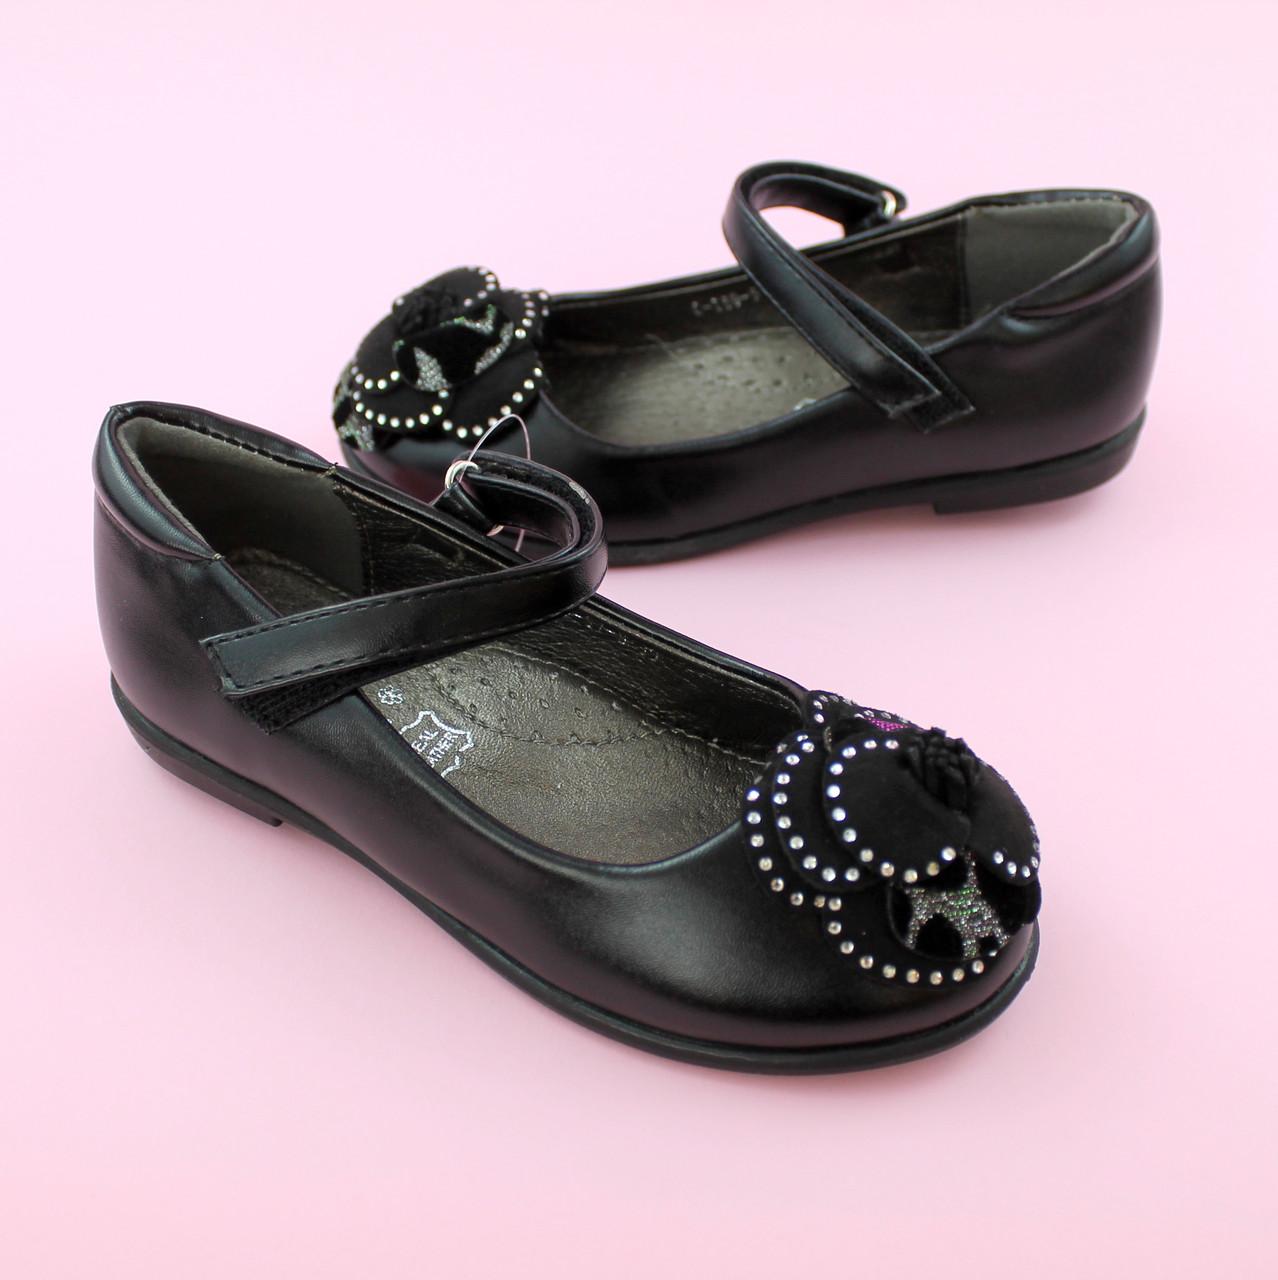 Детские туфли для девочки Черные обувь Том.м размер 28,29,30,32,33,34,35